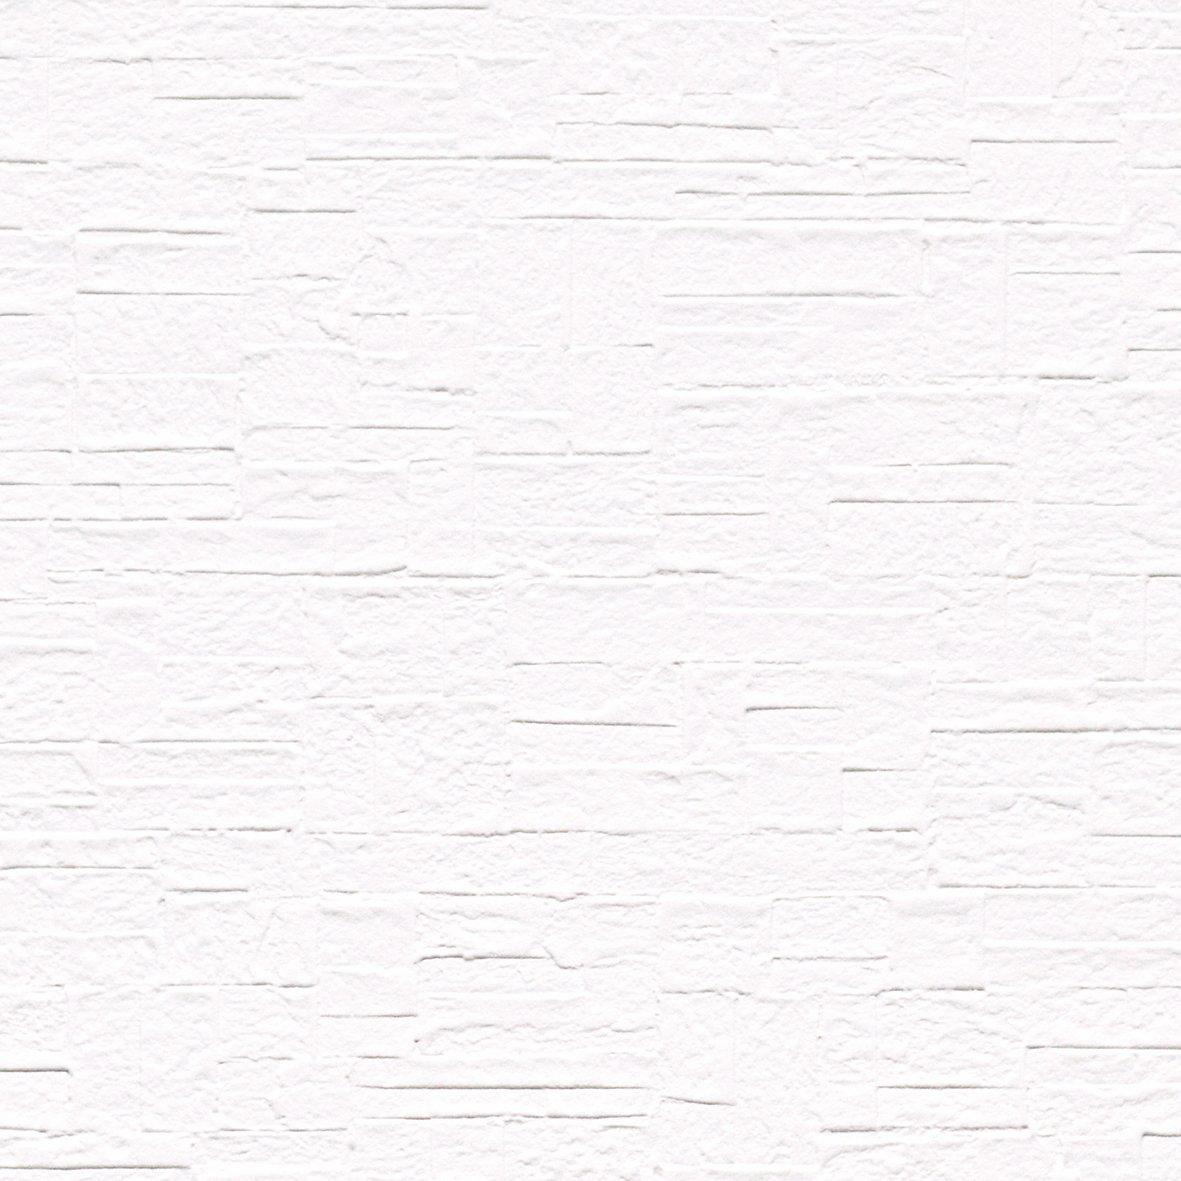 グループ2 m単位の購入よりお買得 選べる150種類 生のり付き 壁紙 30m ホワイト系壁紙 【CC-VS7014】 JQ5 B00OARRGZQ CC-VS7014